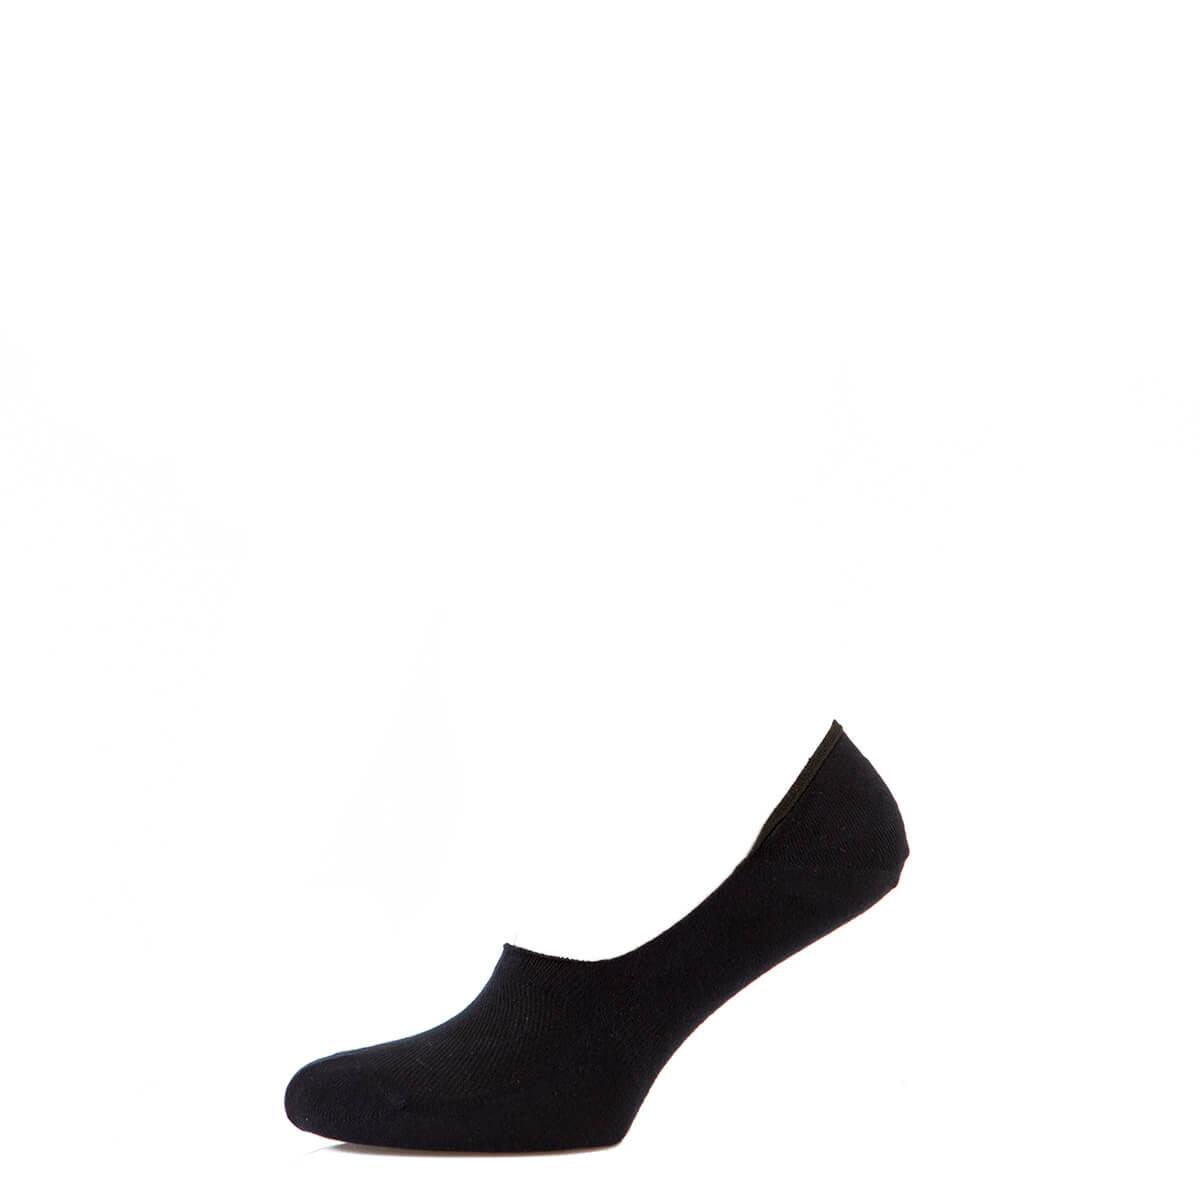 Носки мужские следы котоновые, с силиконом, чёрный MansSet